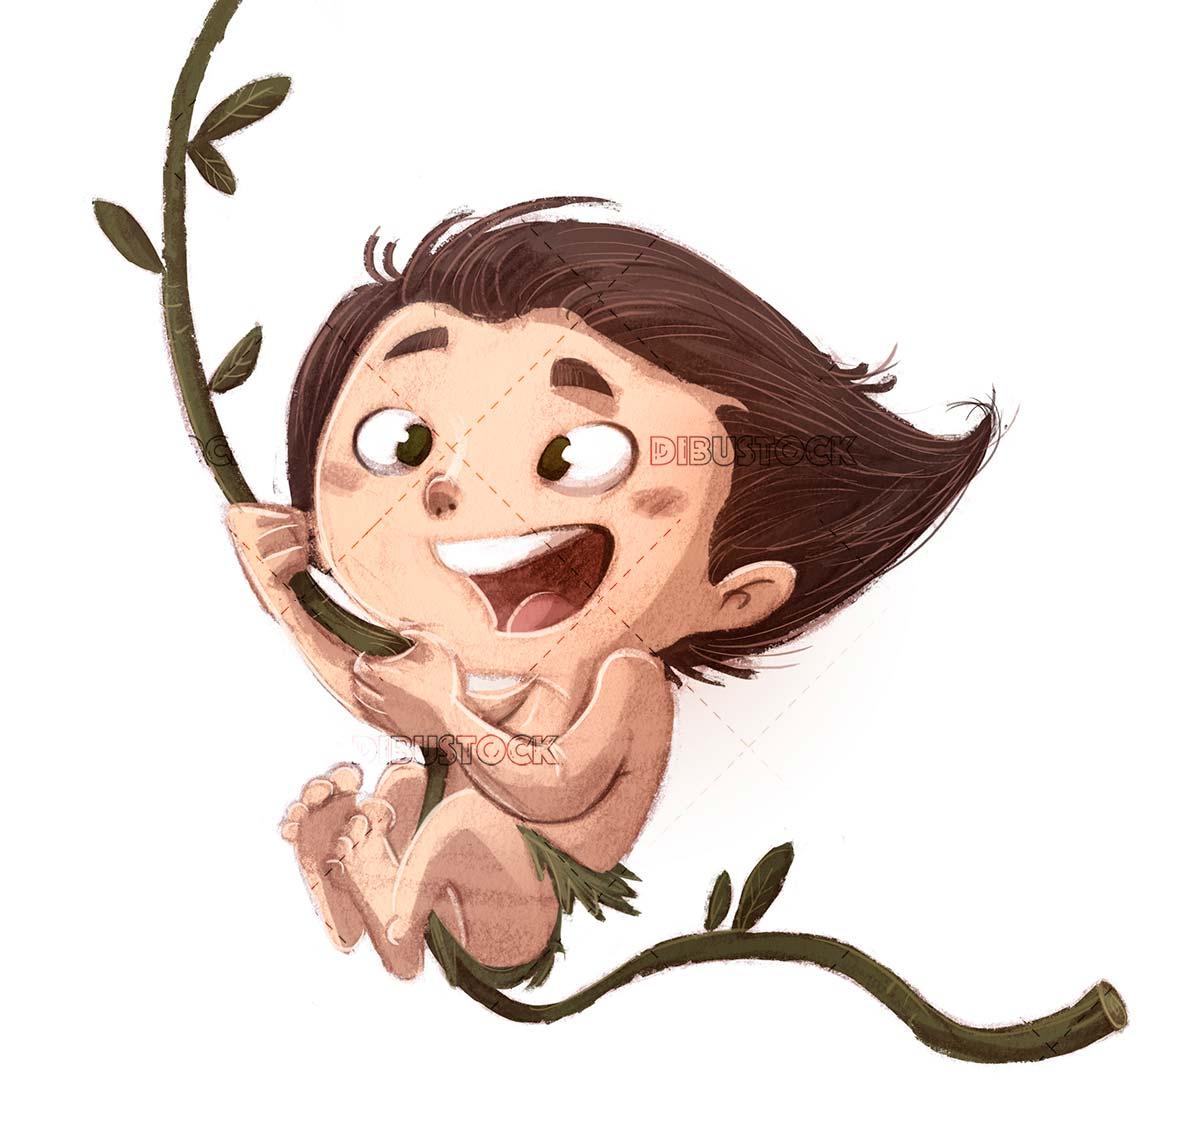 child tarzan with liana jumping